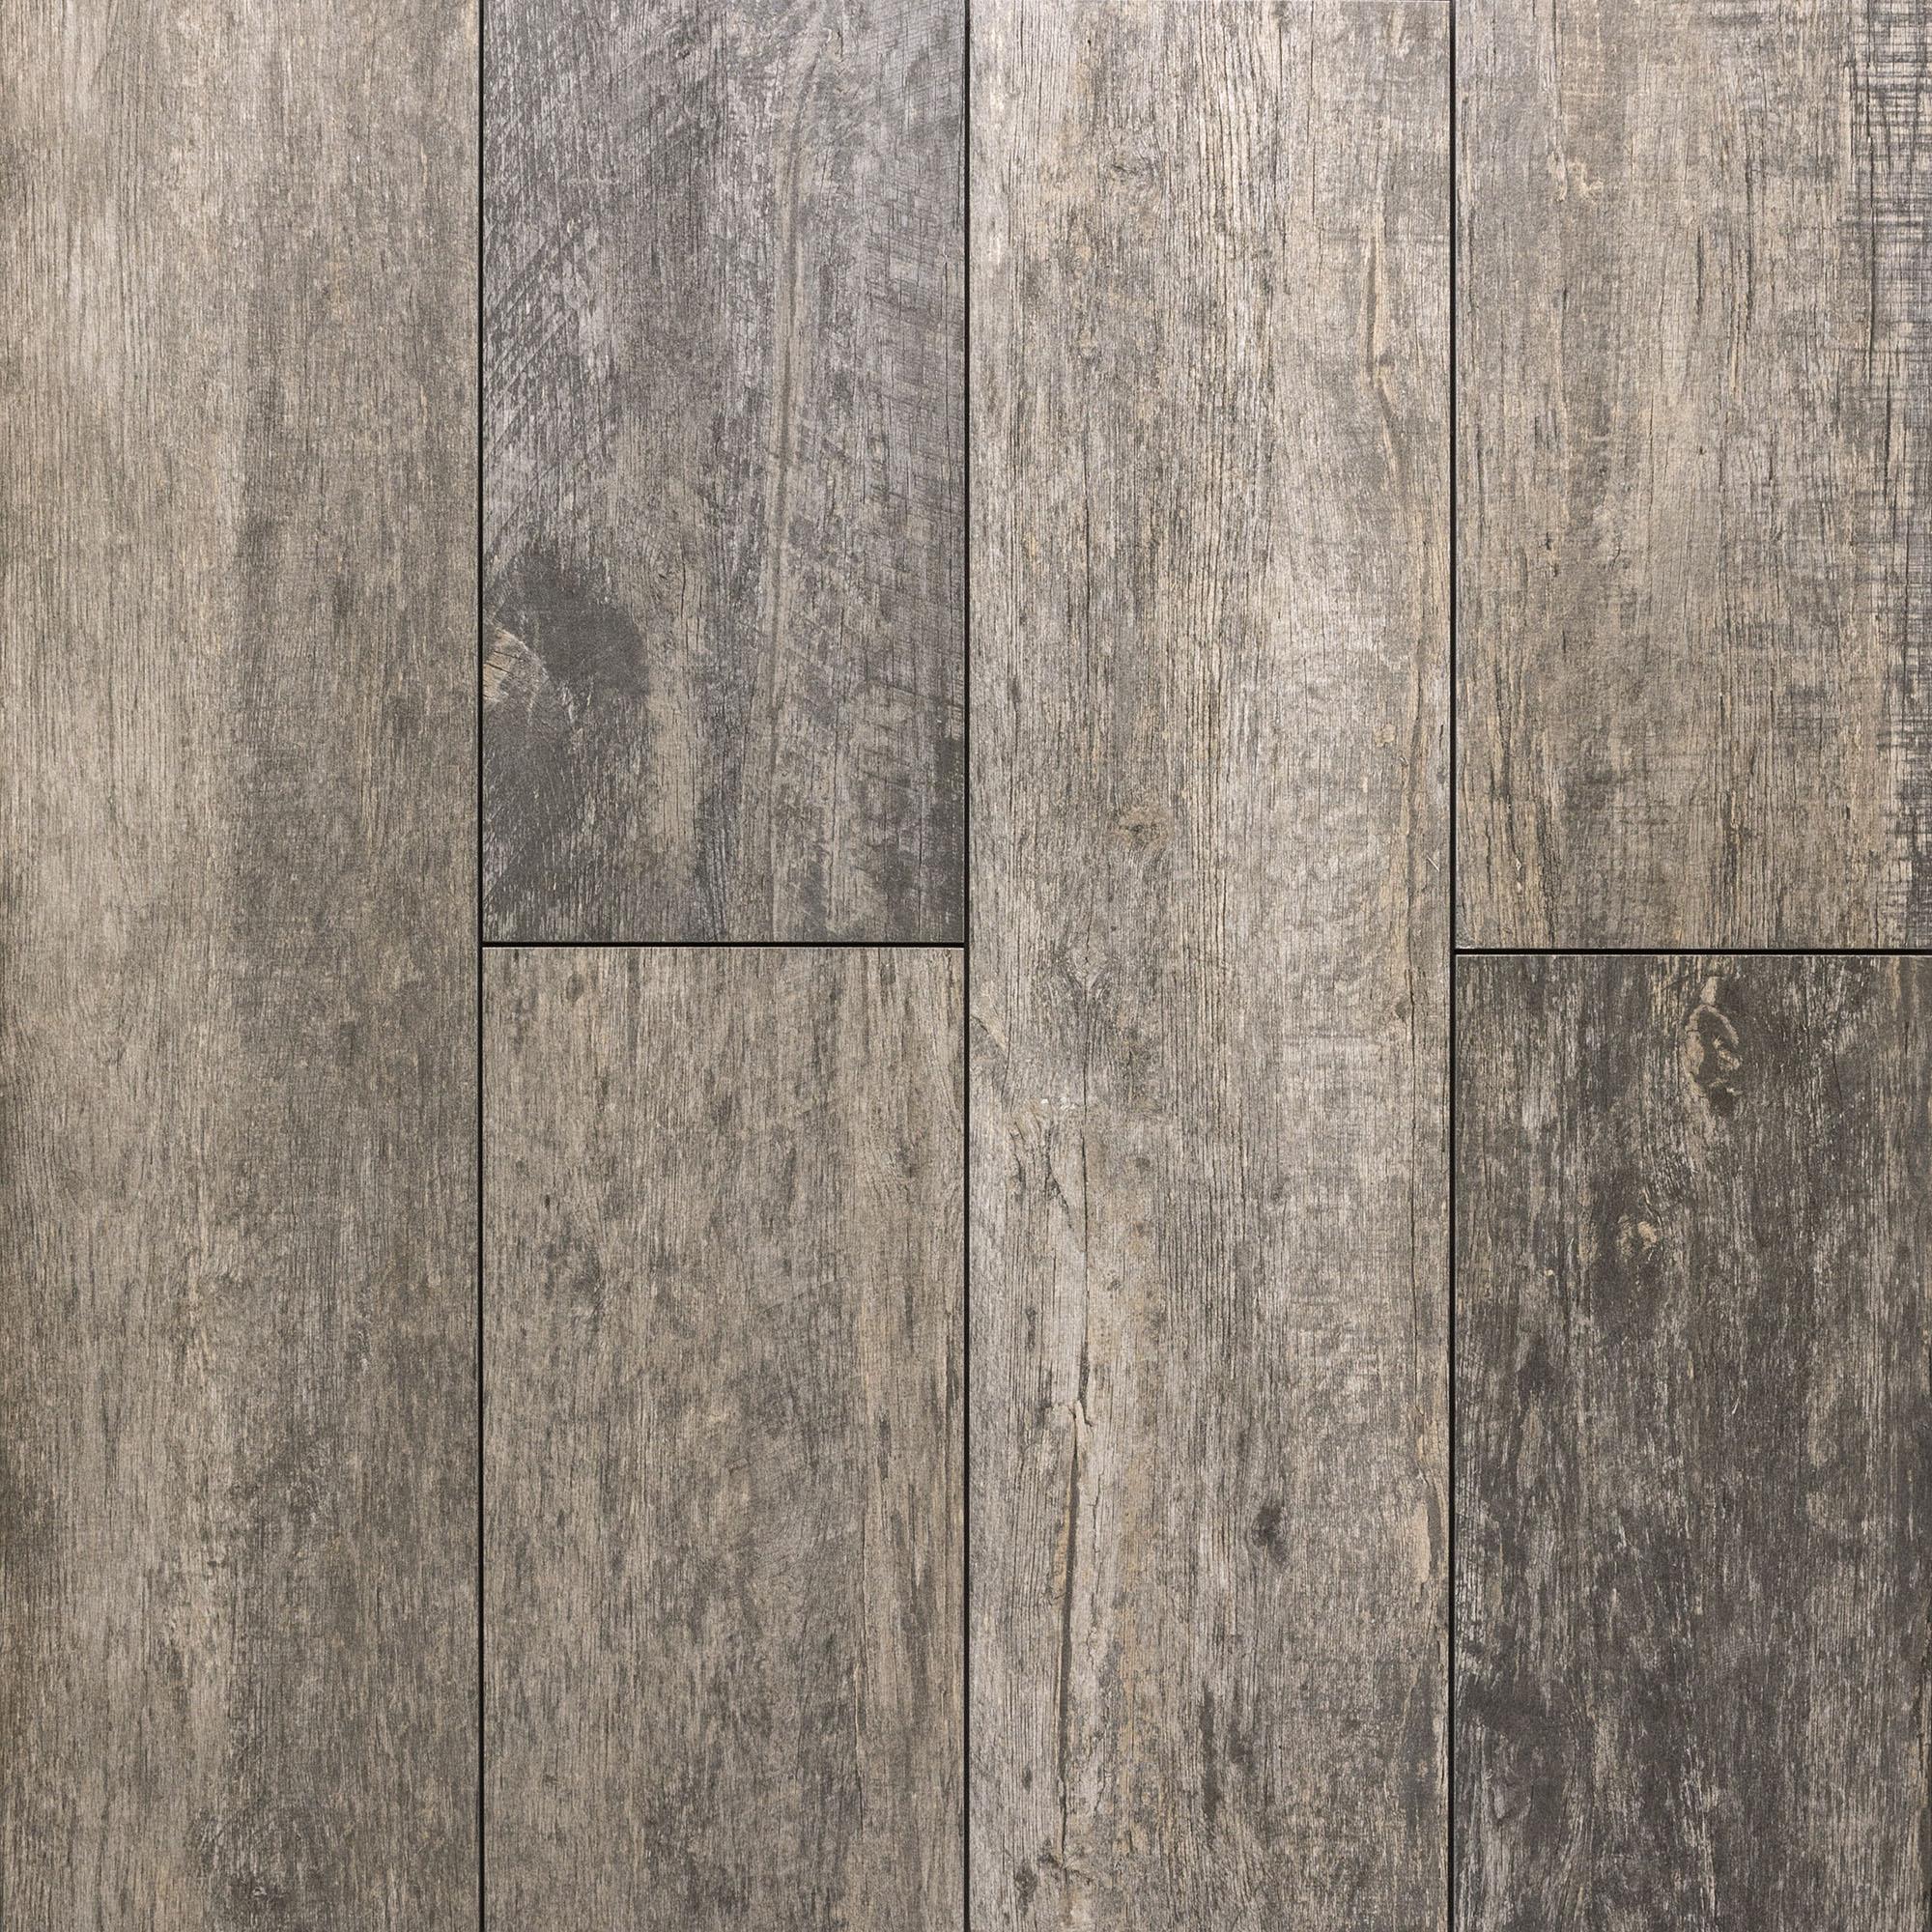 Keramikplatte Rustic Wood Oak Grey Naturstein Baumaterial